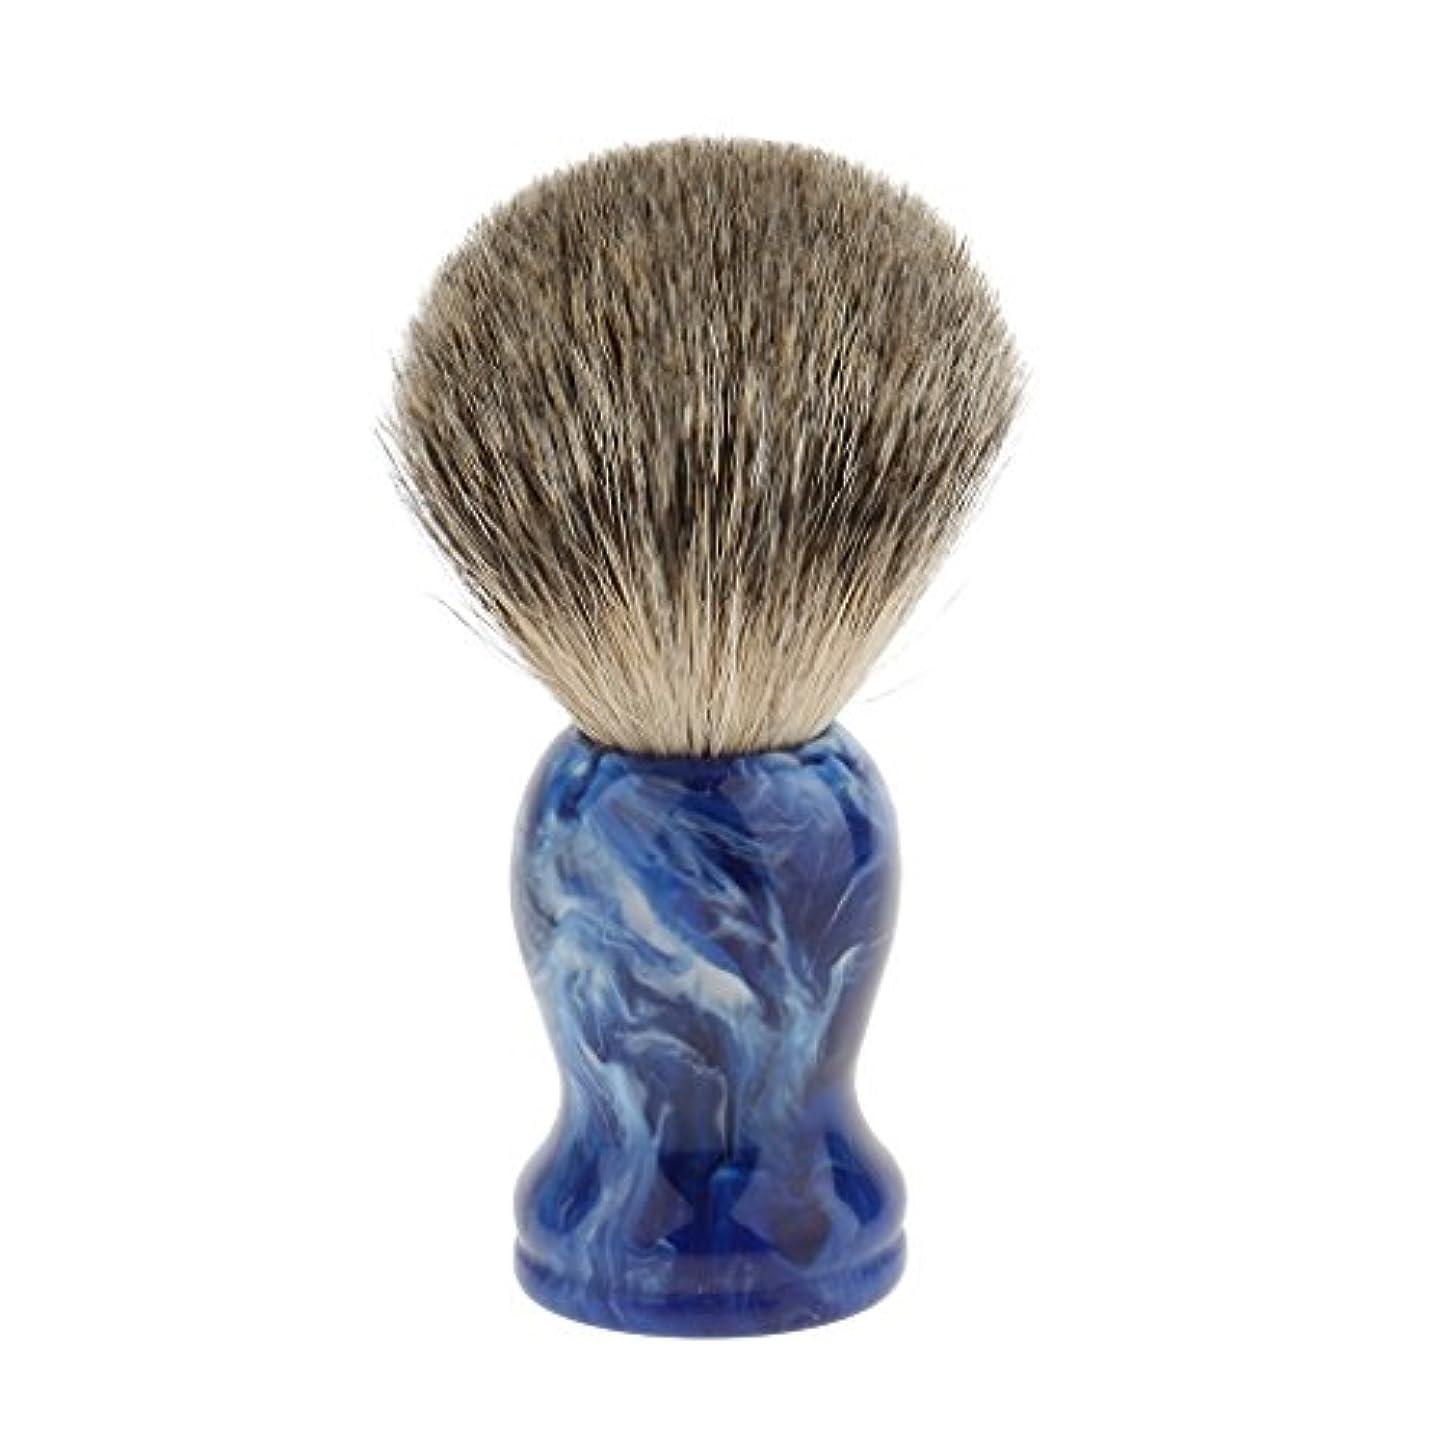 学部大洪水時折シェービングブラシ ひげブラシ 理容 洗顔 髭剃り 泡立ち 樹脂ハンドル 高密度 ブラシヘッド